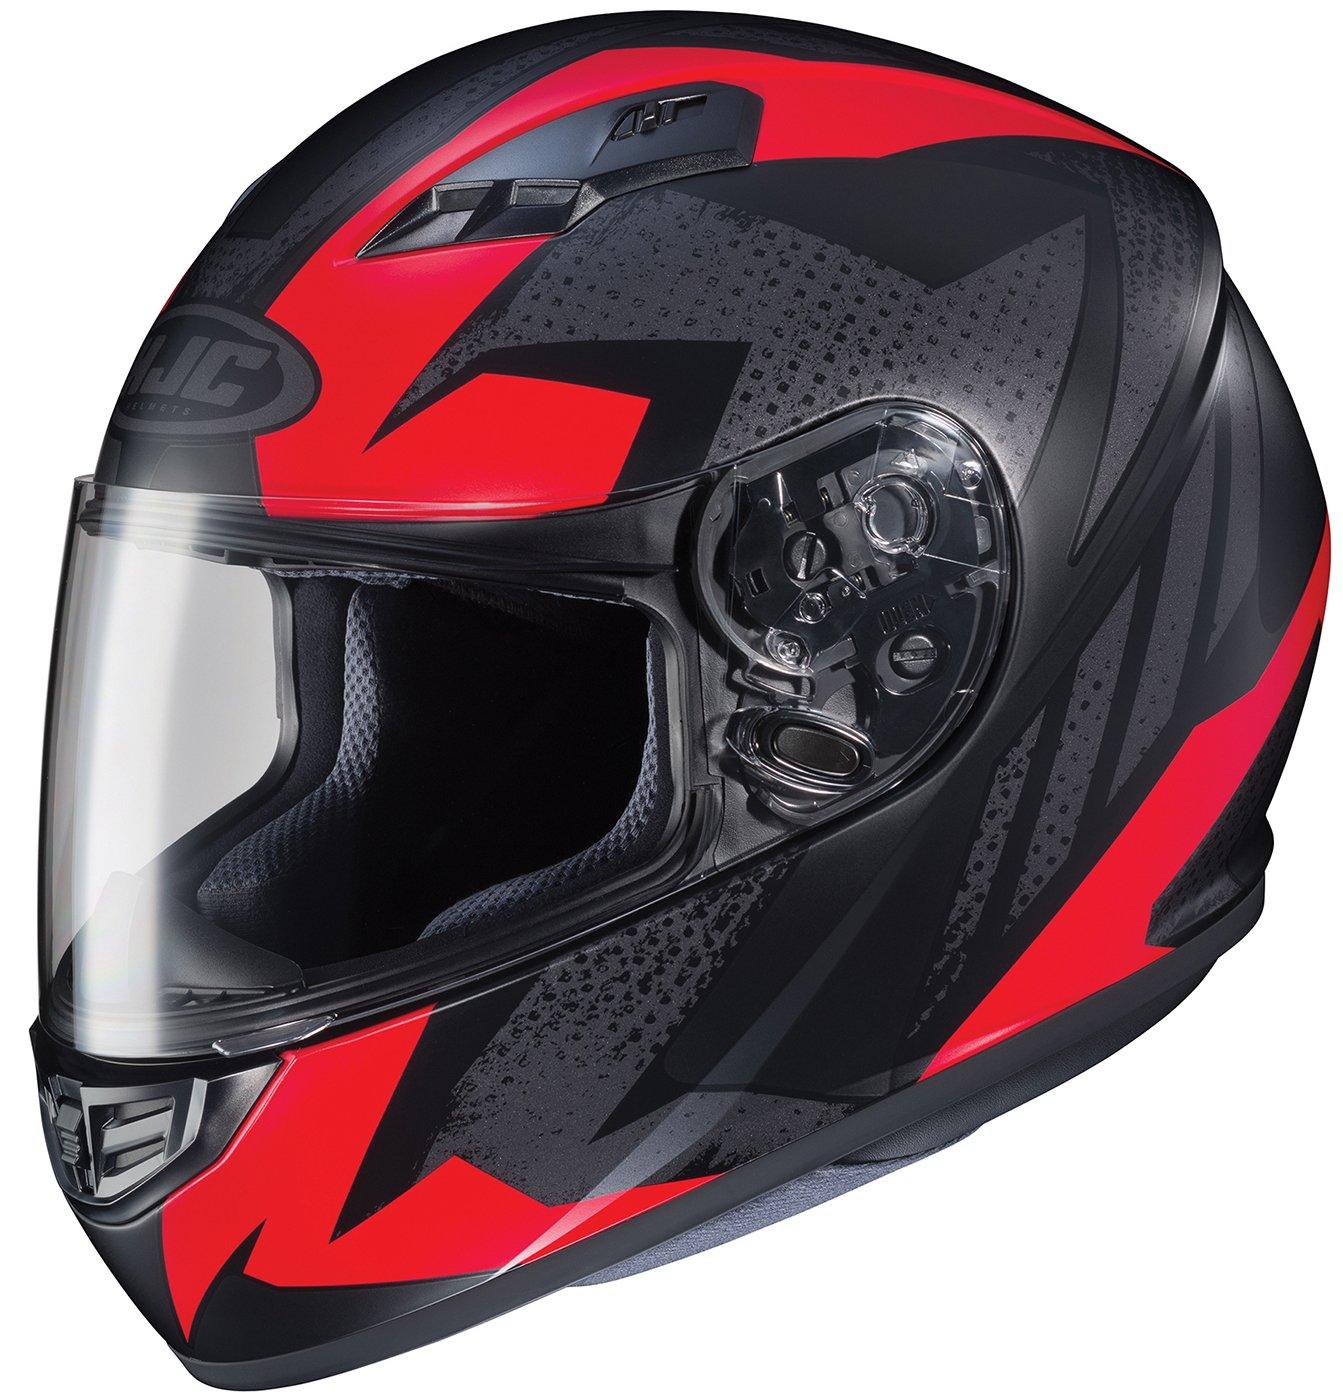 HJC Helmets CS-R3 Unisex-Adult Full Face Treague Motorcycle Helmet (Black/Red, Medium) by HJC Helmets